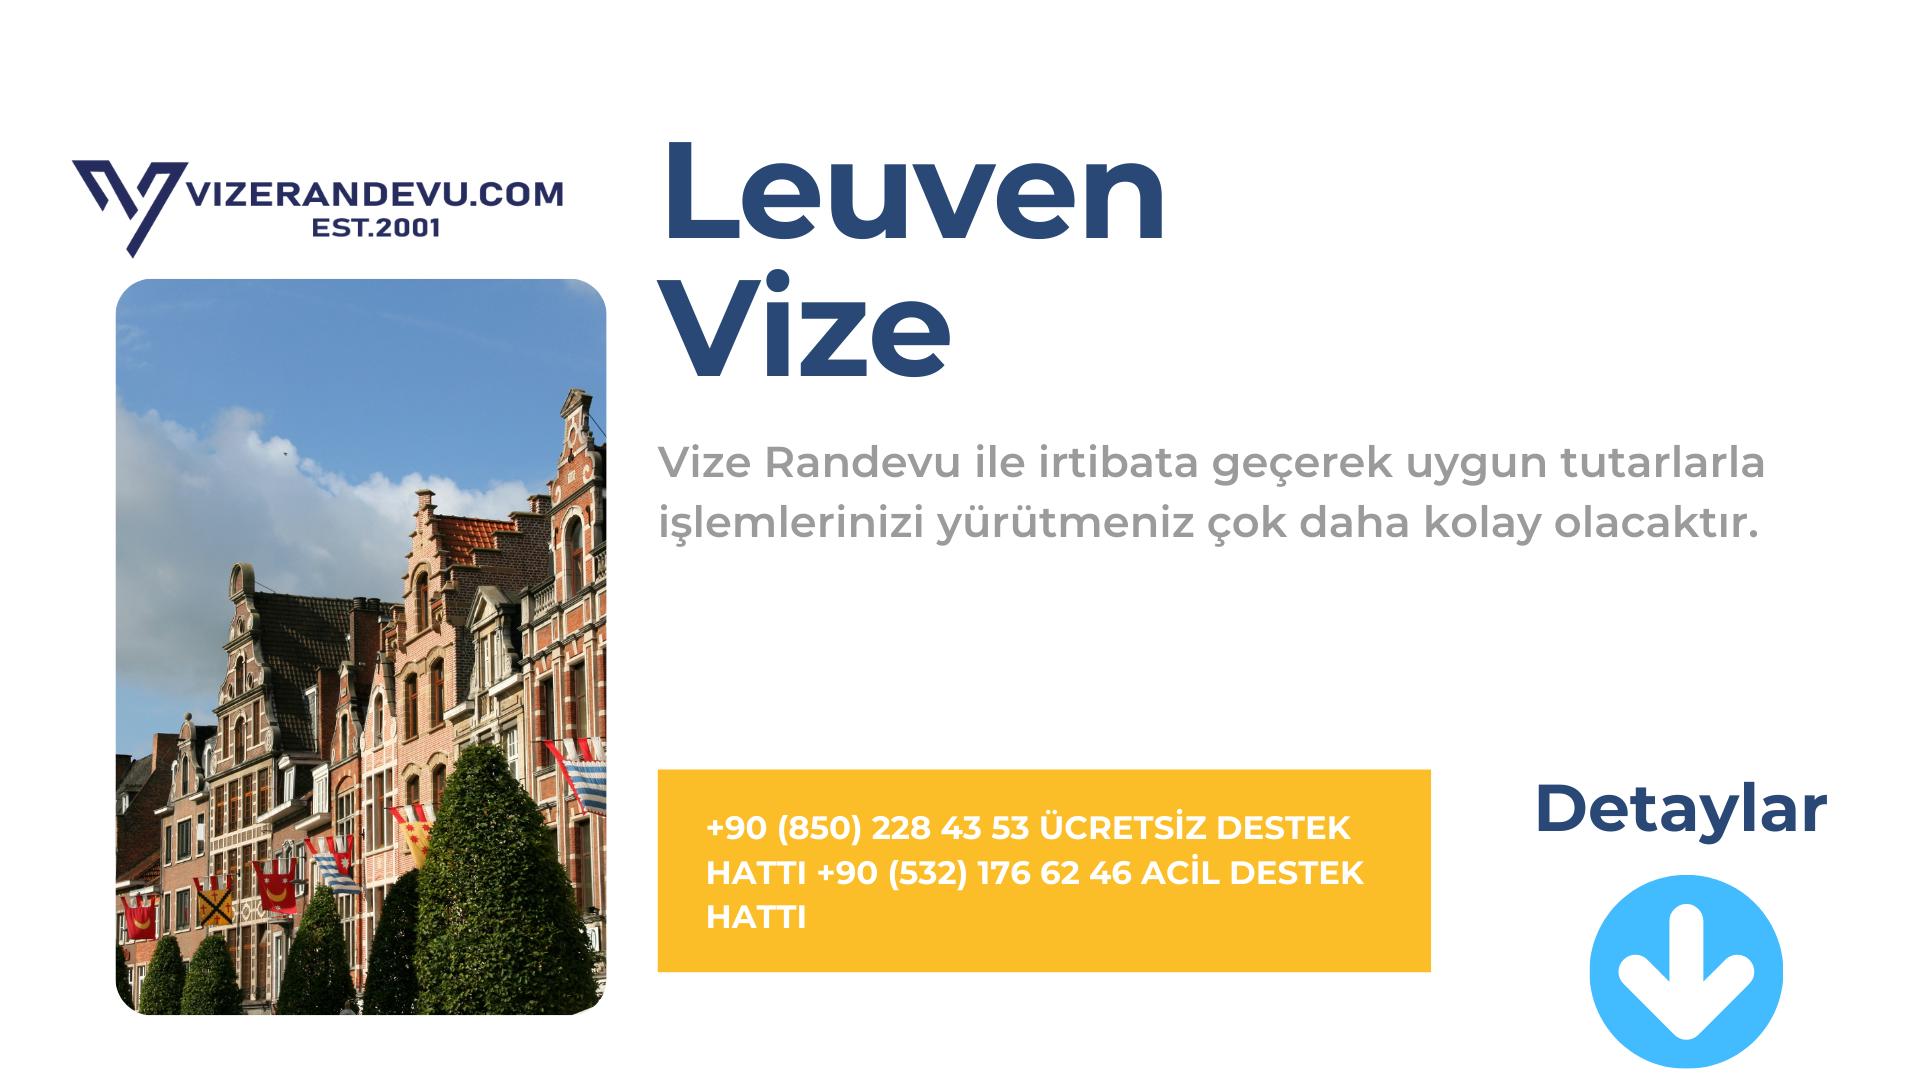 Leuven Vize